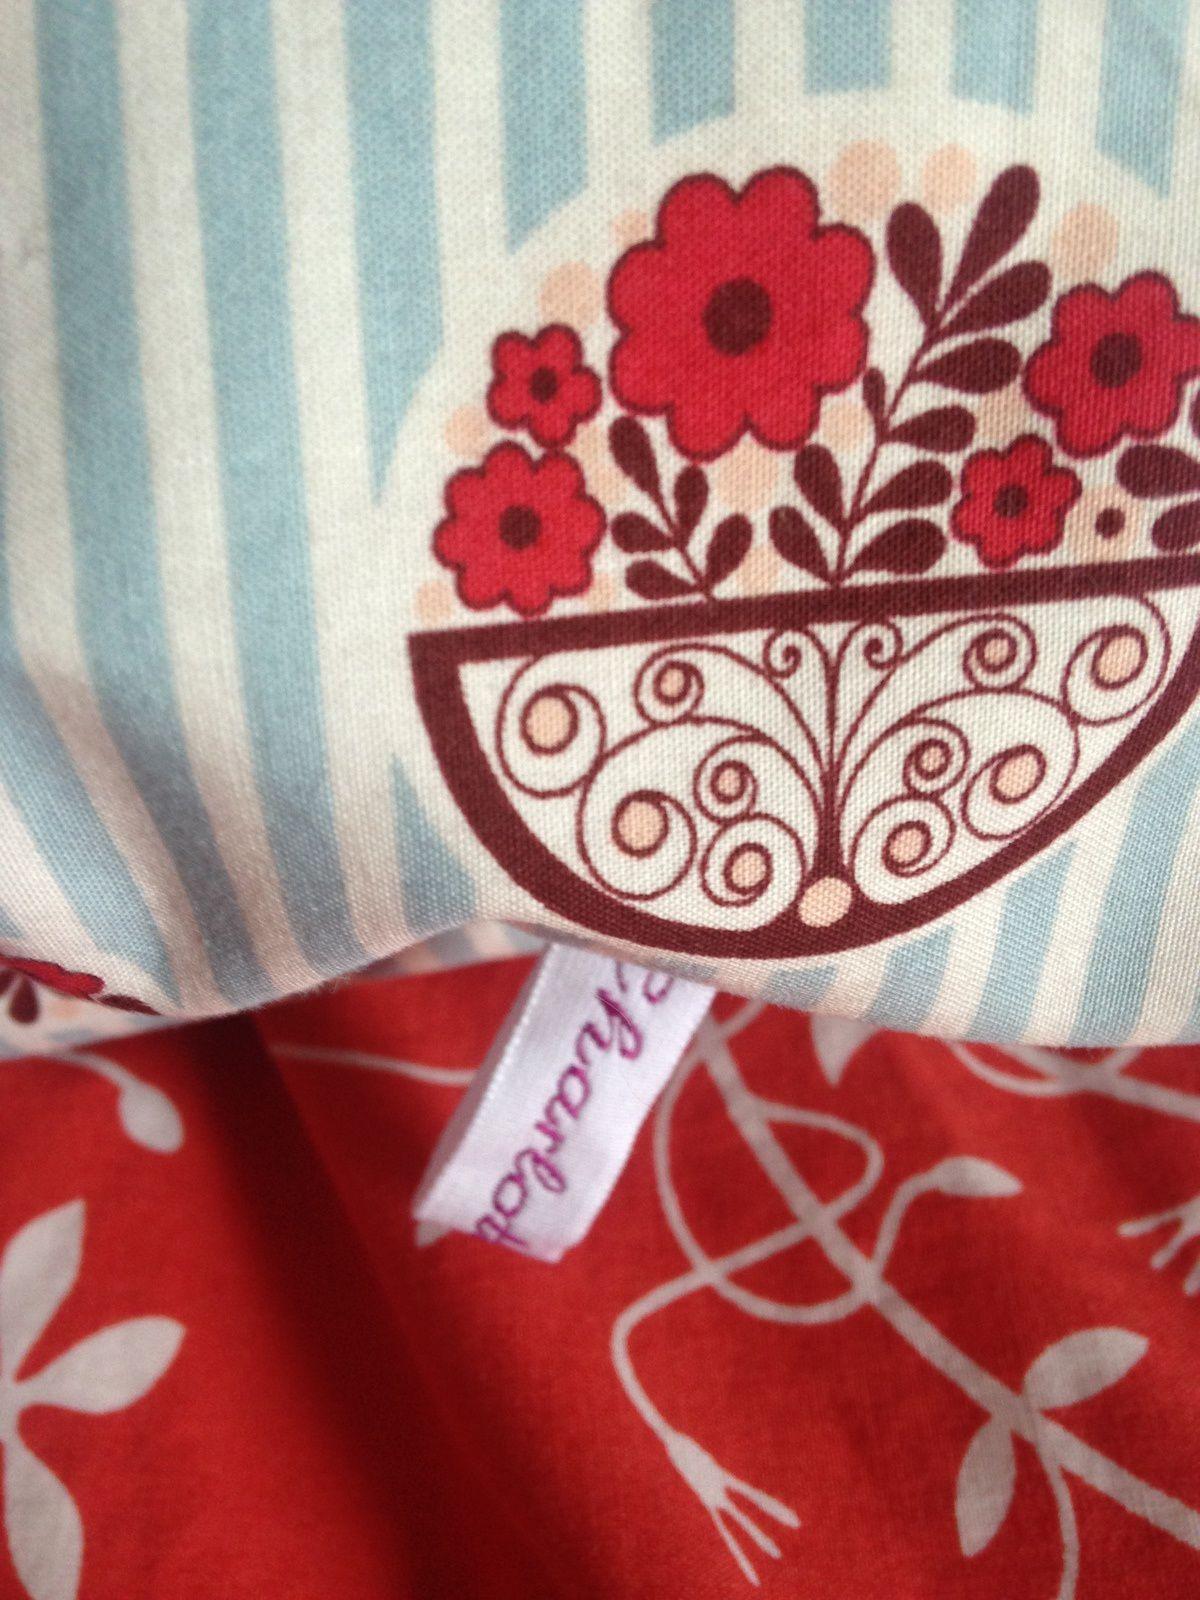 coussin carre de lit dans une taie de traversin kenzo sur charlotteblabla blog*